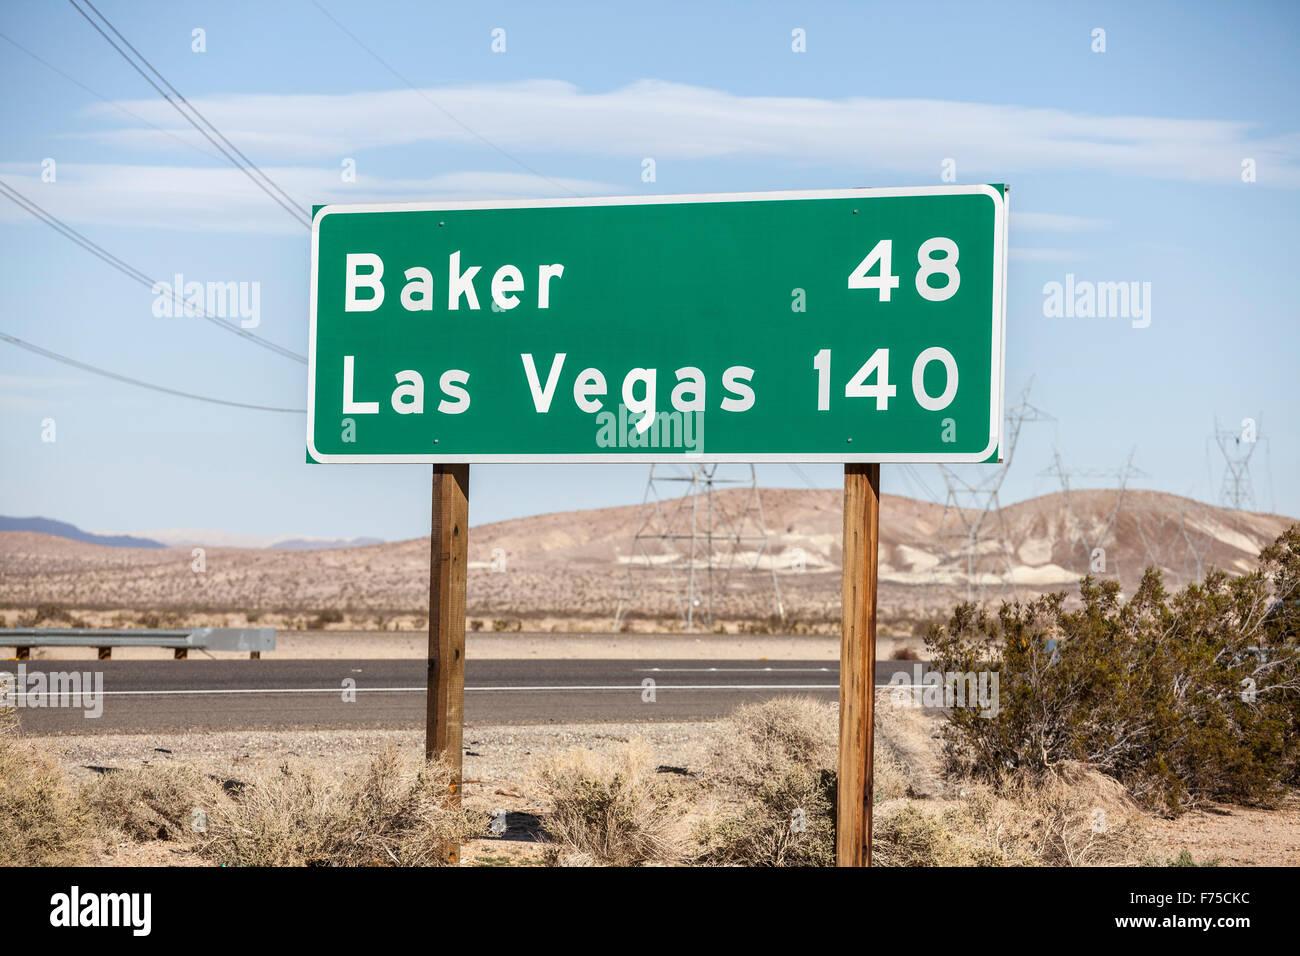 California To Las Vegas Stock Photos & California To Las Vegas Stock ...